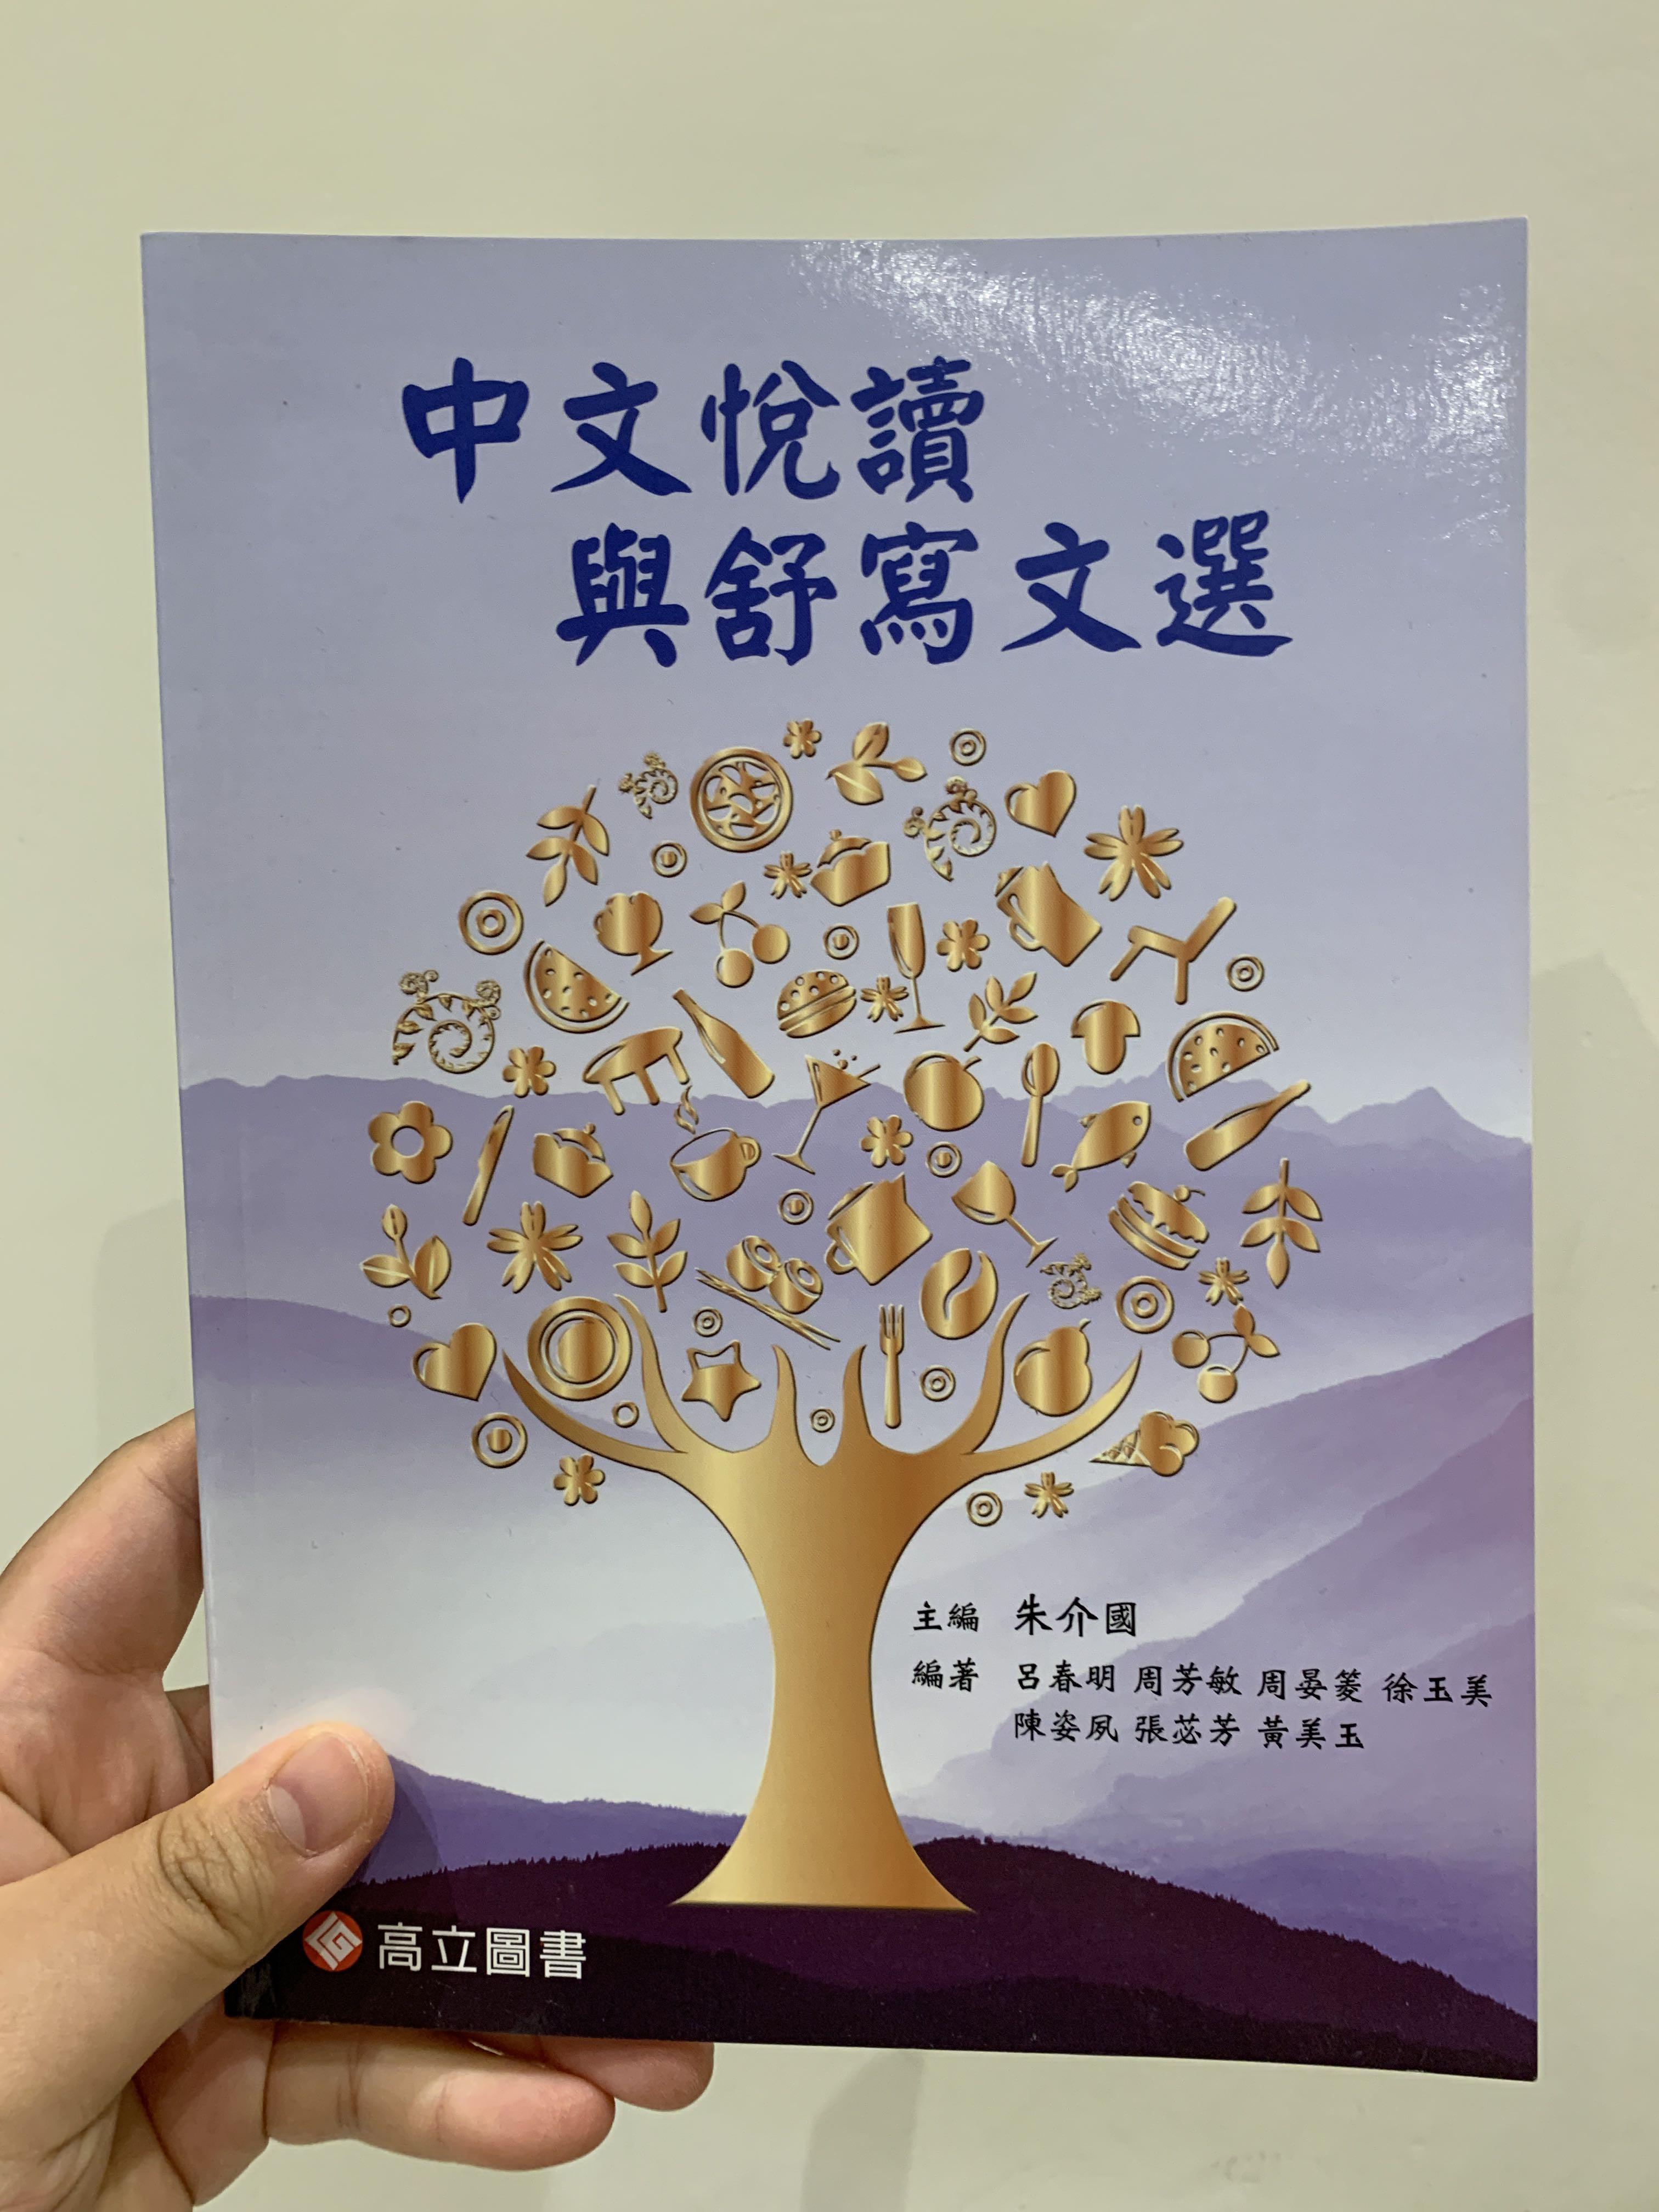 中文悅讀與舒寫文選